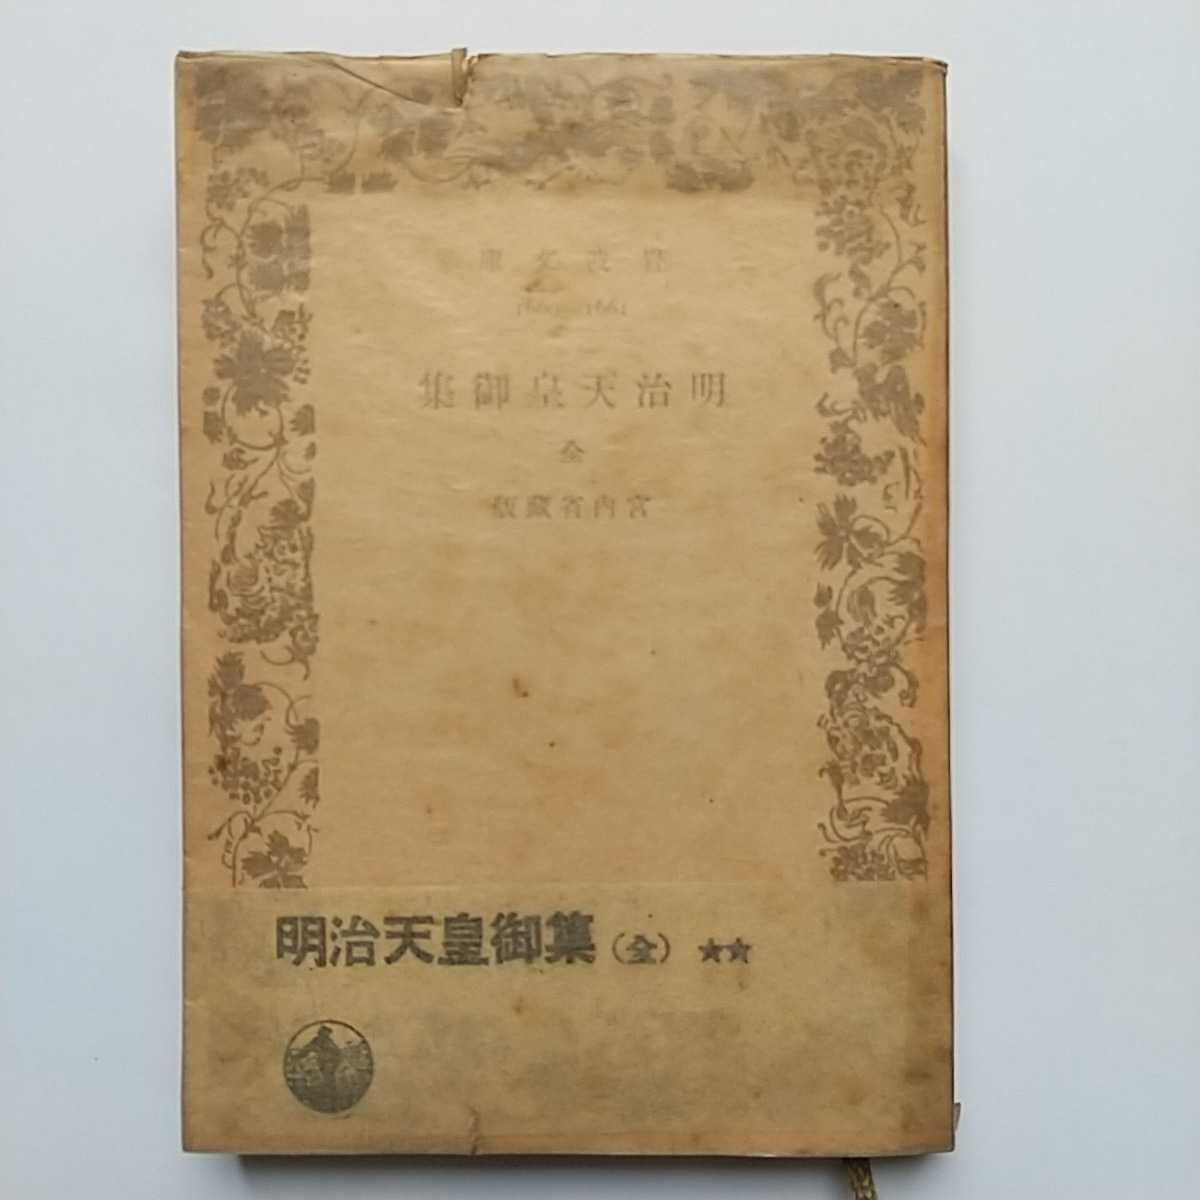 岩波文庫 明治天皇御集(全)宮内省藏版 昭和17年2月 第四刷 カバー、帯付き